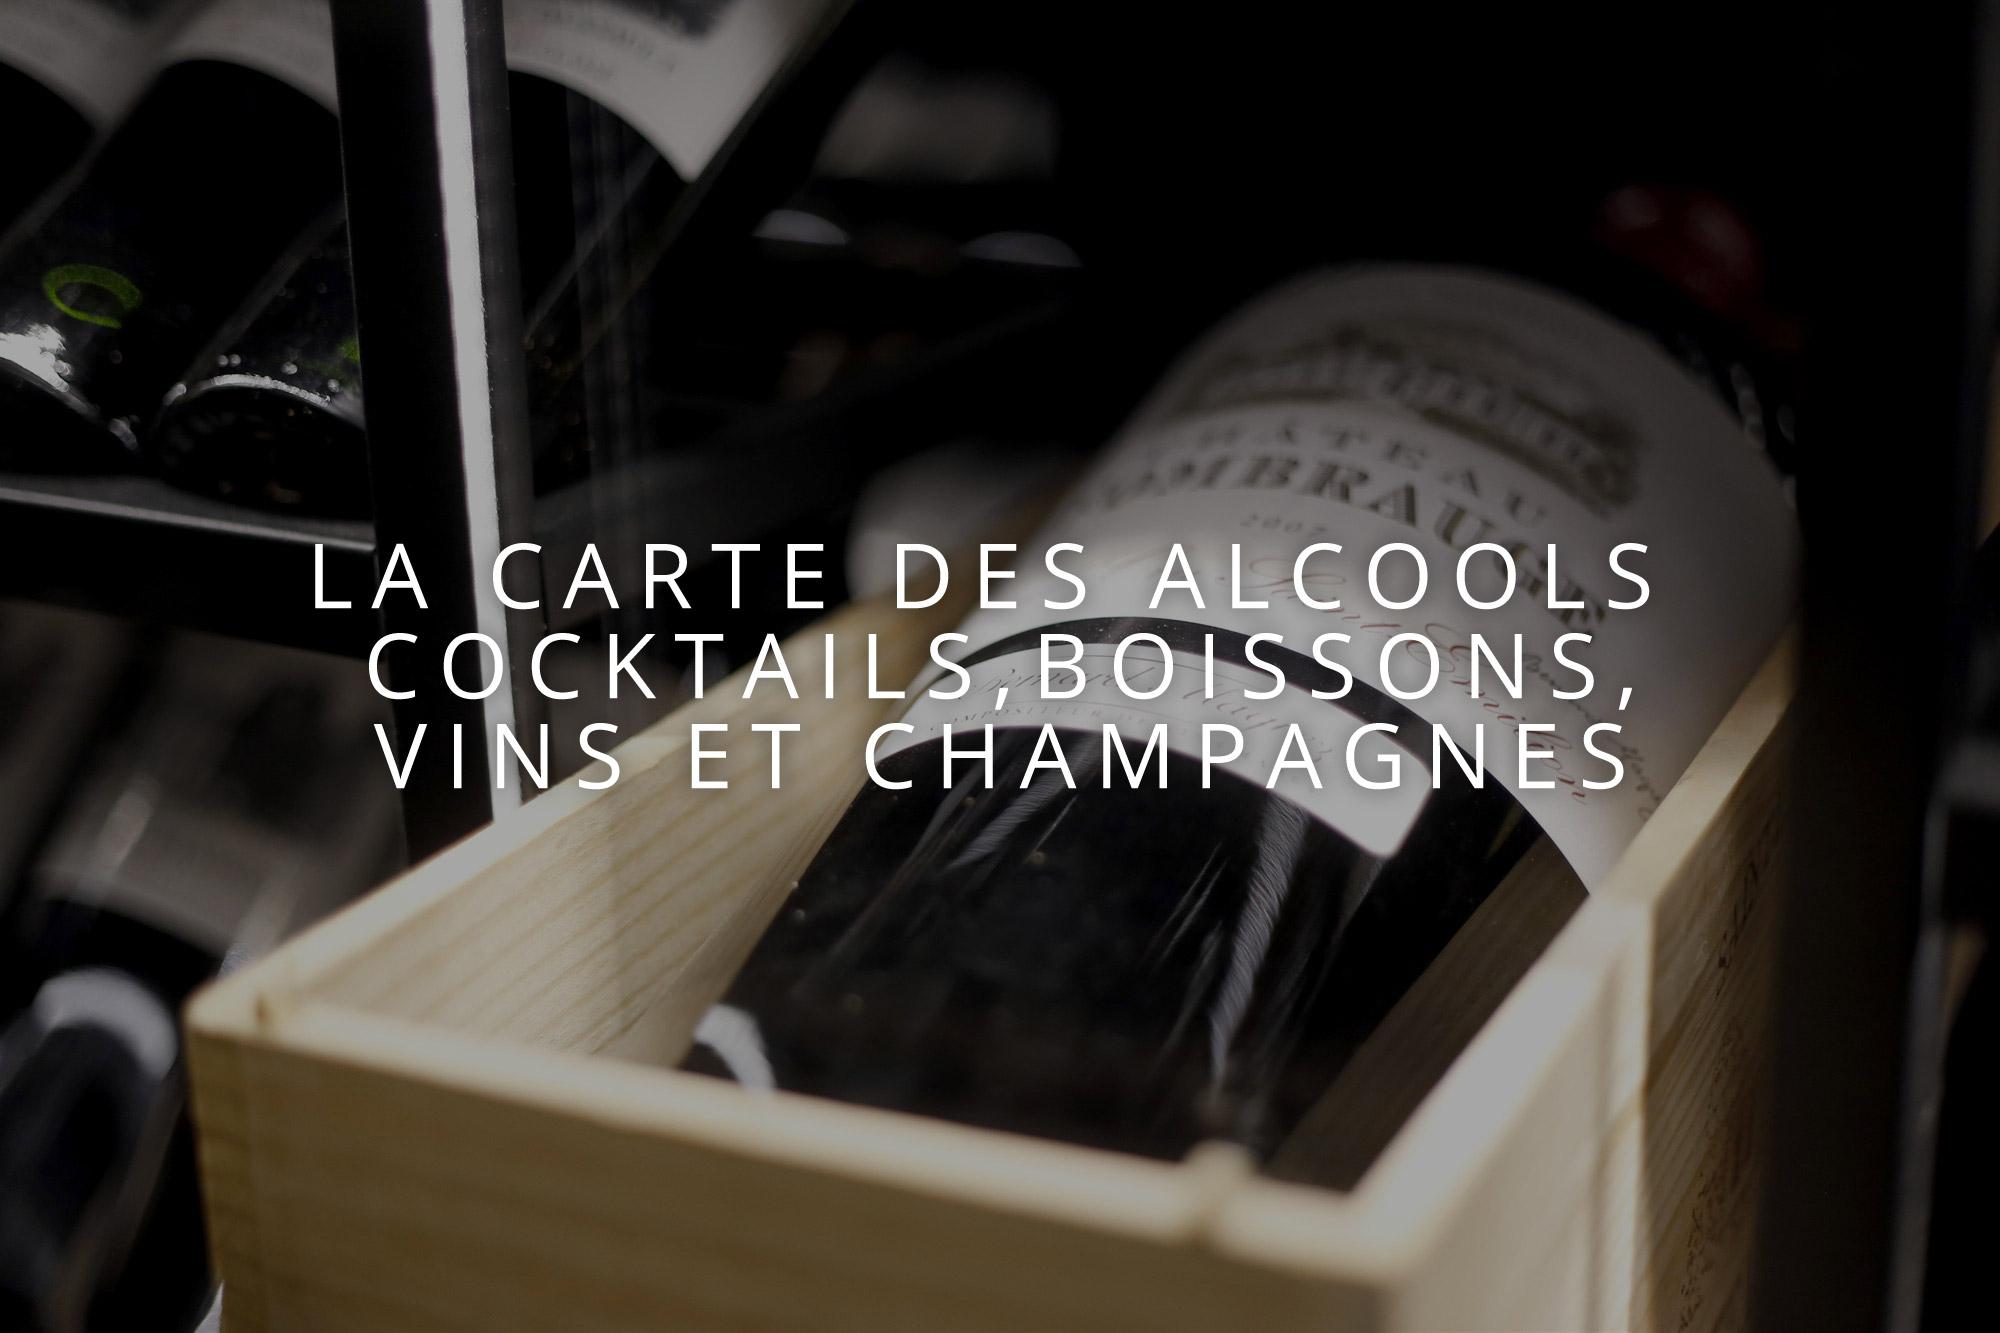 Les cocktails et boissons du Siman